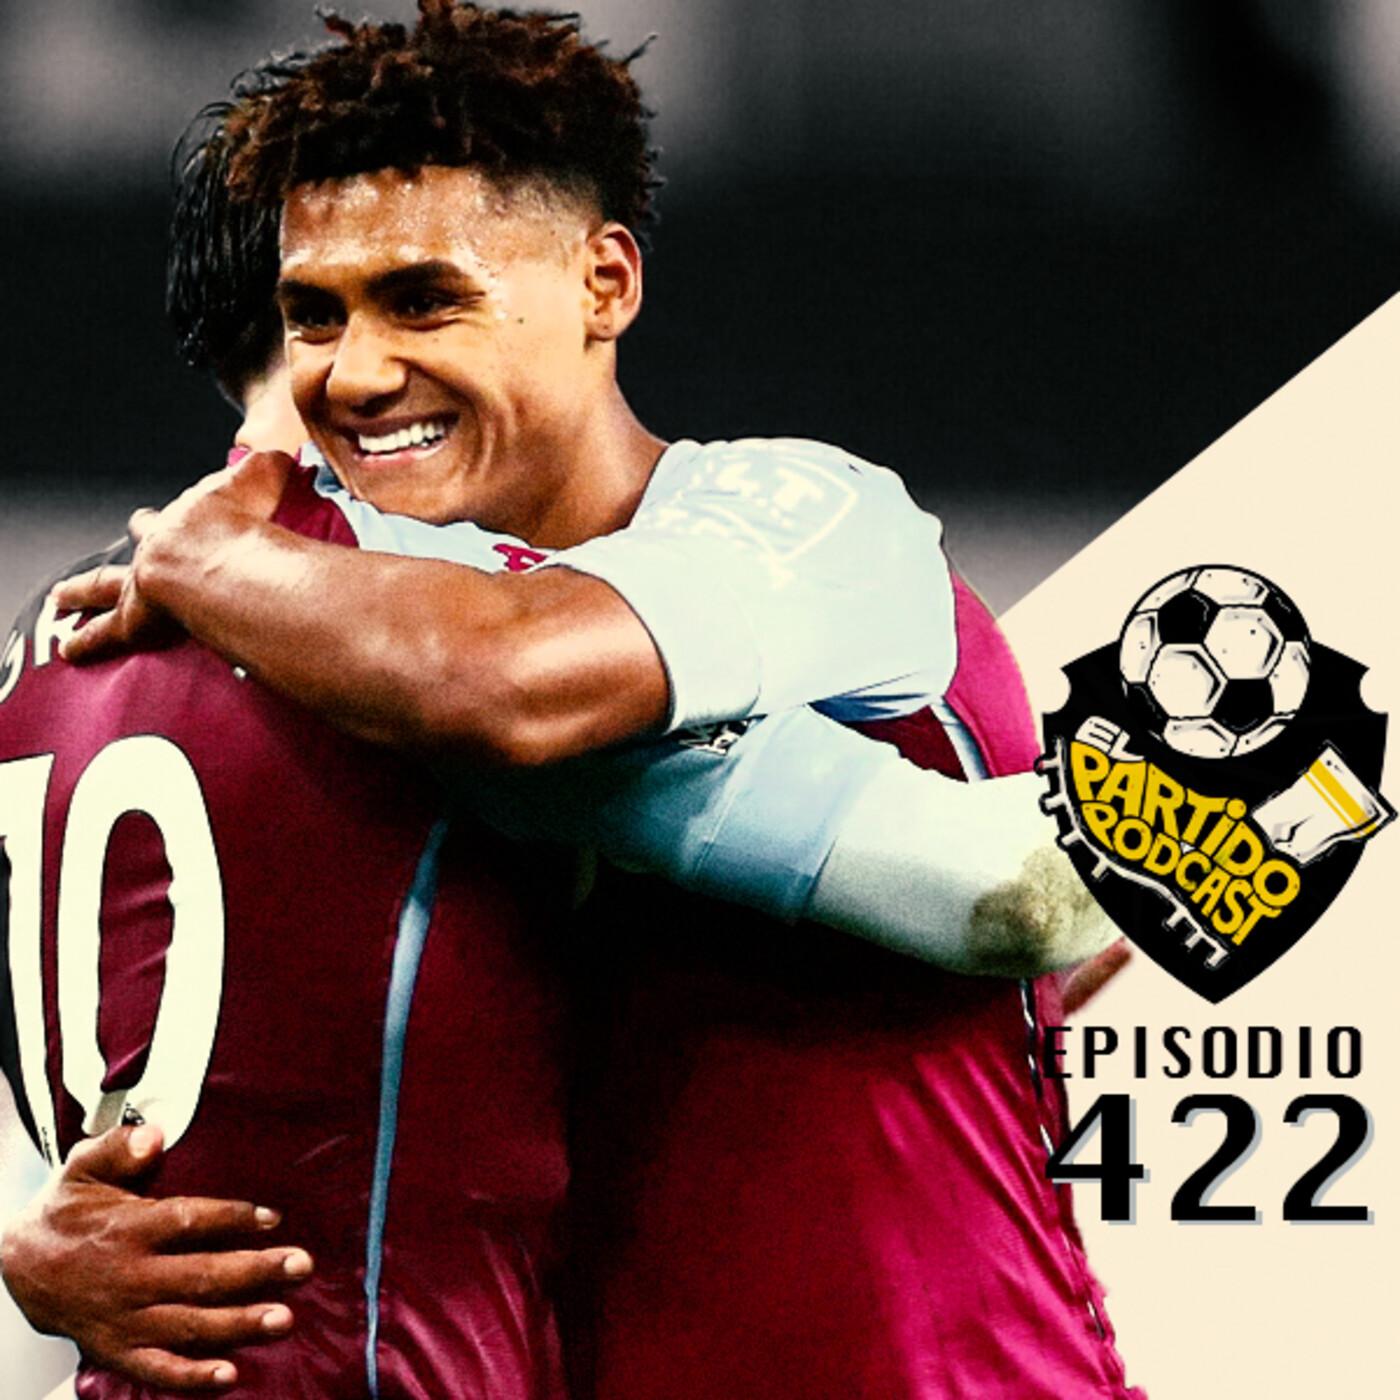 Ep 422: La locura de apodera de la Premier League